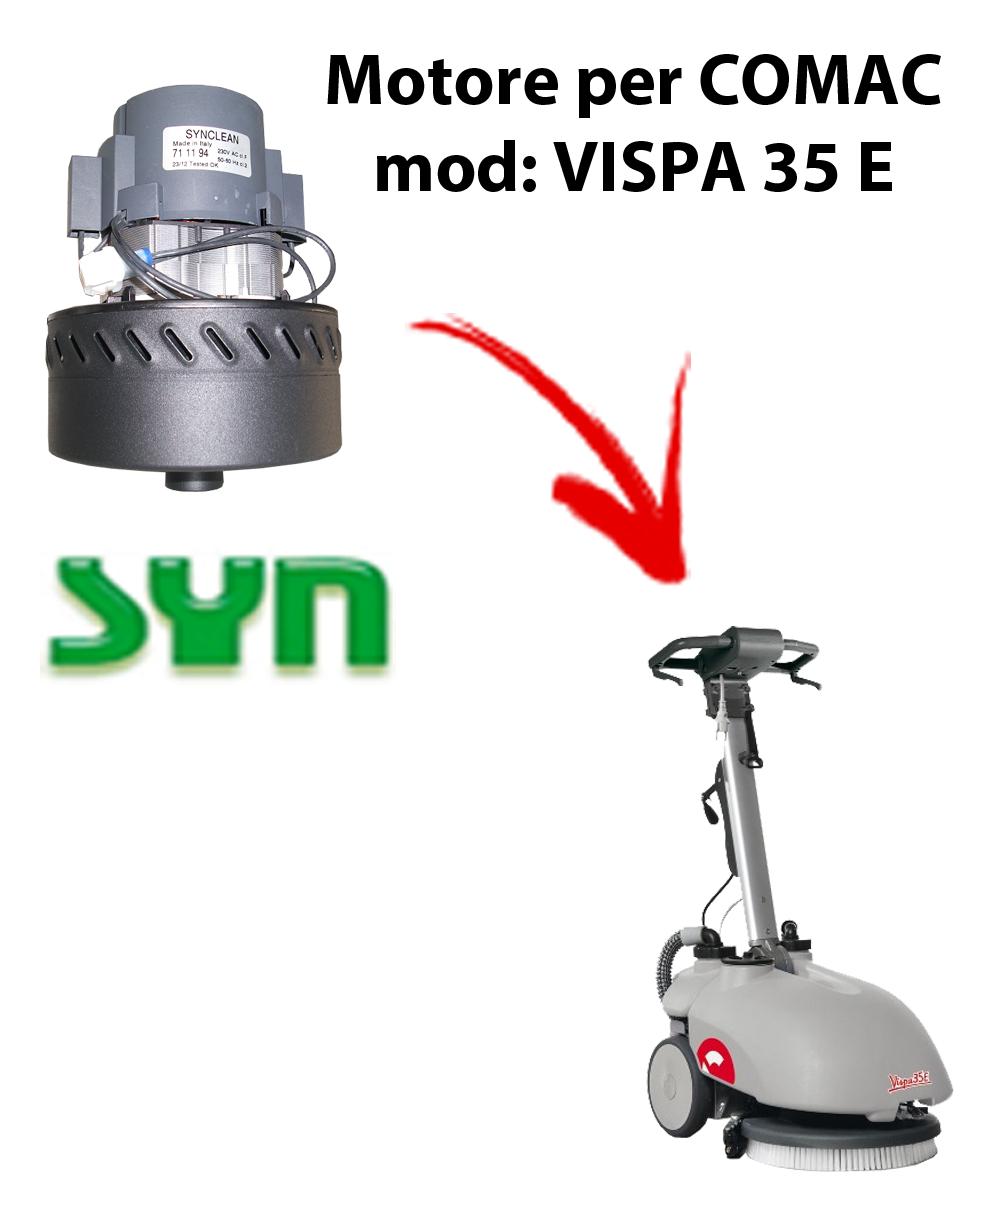 VISPA 35 E MOTEUR ASPIRATION SYN pour autolaveuses Comac